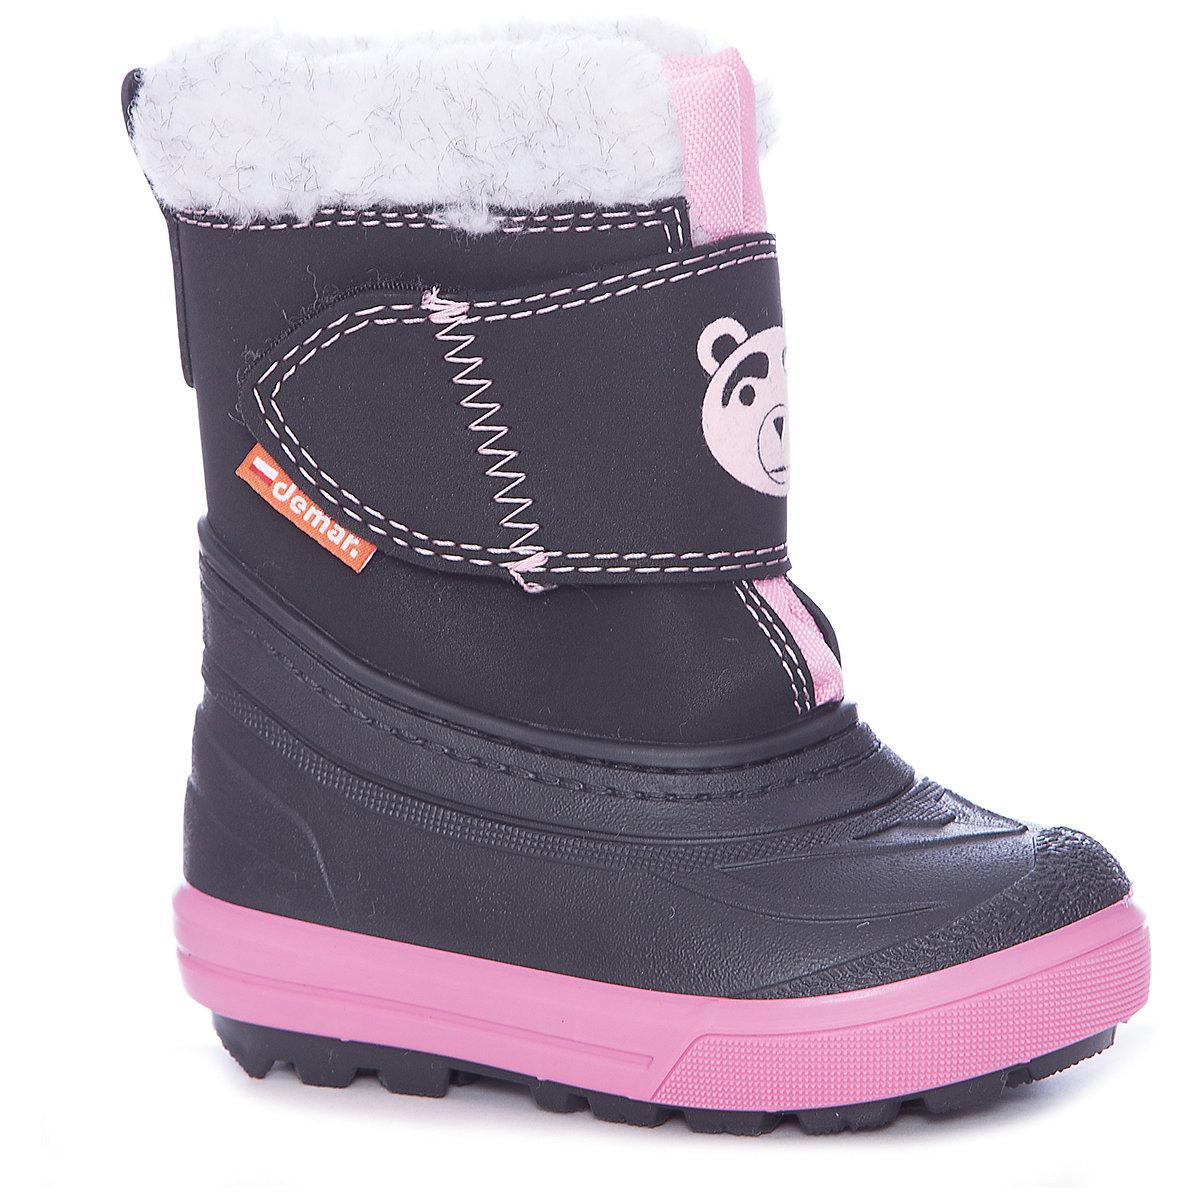 Bottes Demar pour filles 7134869 Valenki Uggi hiver bébé enfants chaussures MTpromo